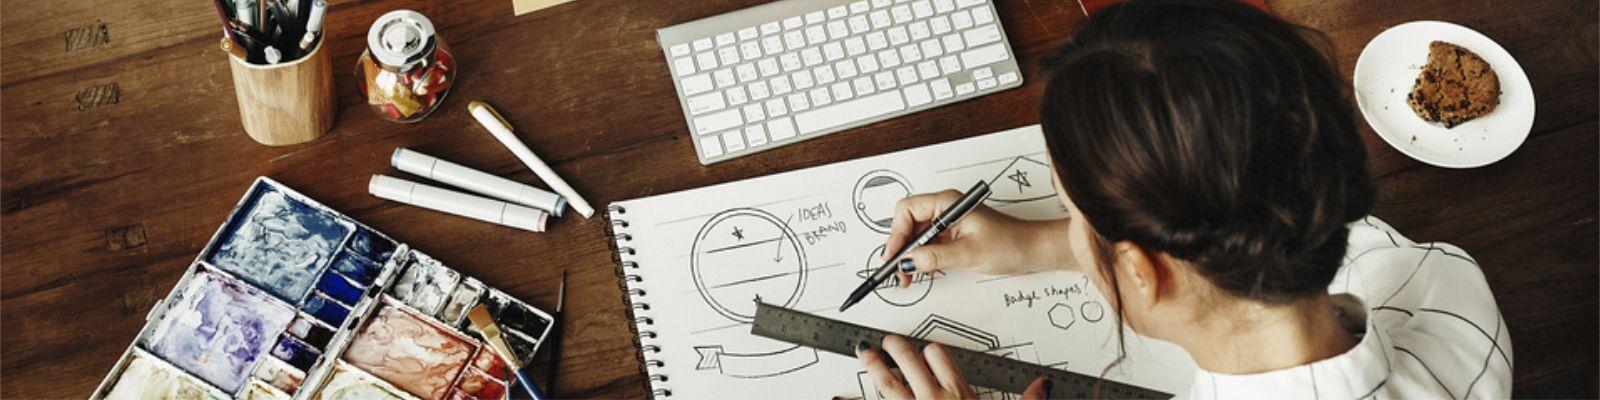 Virtual Designer_Parallex